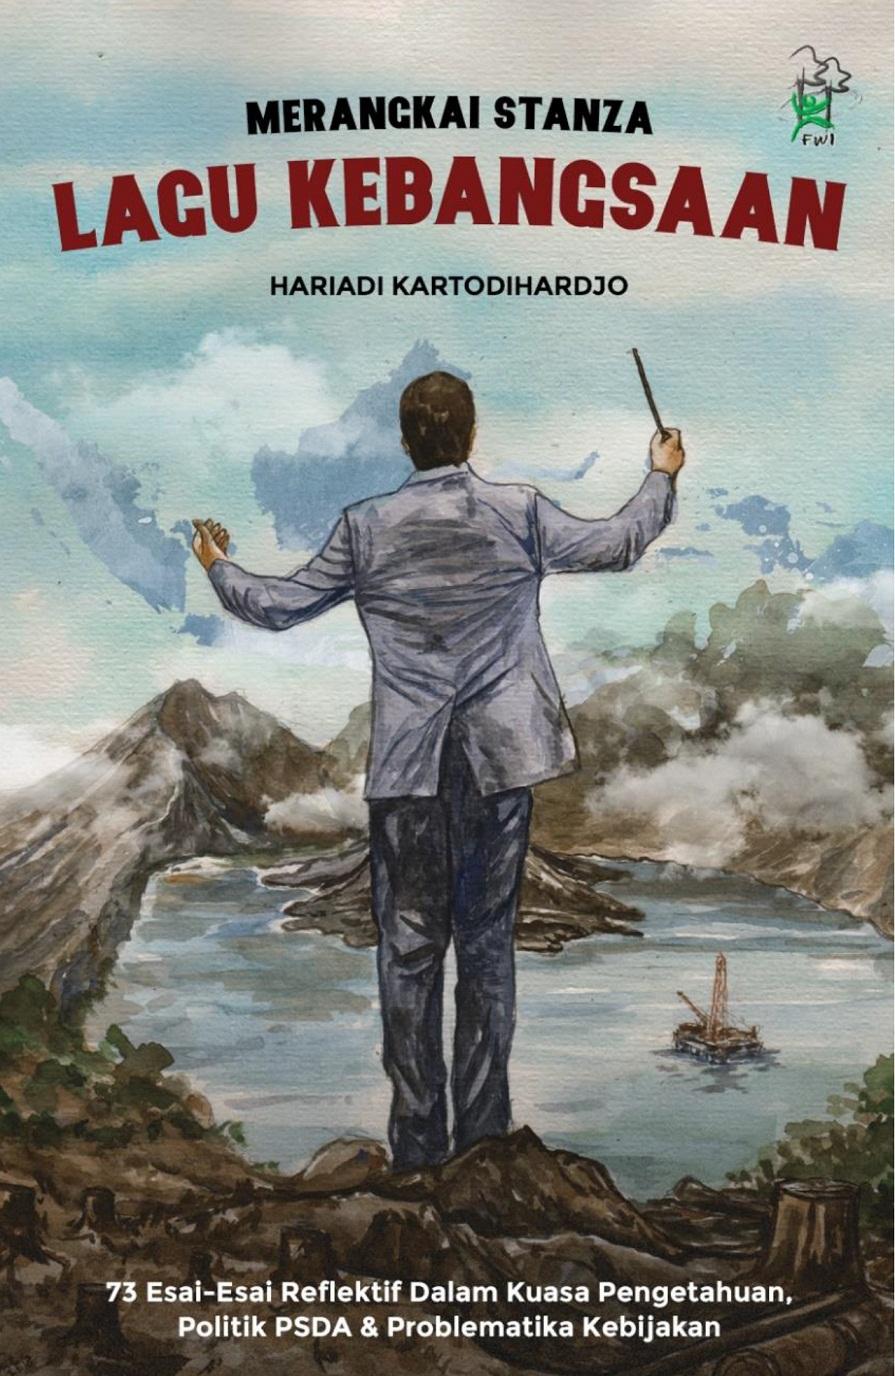 COVER LAGU KEBANGSAAN